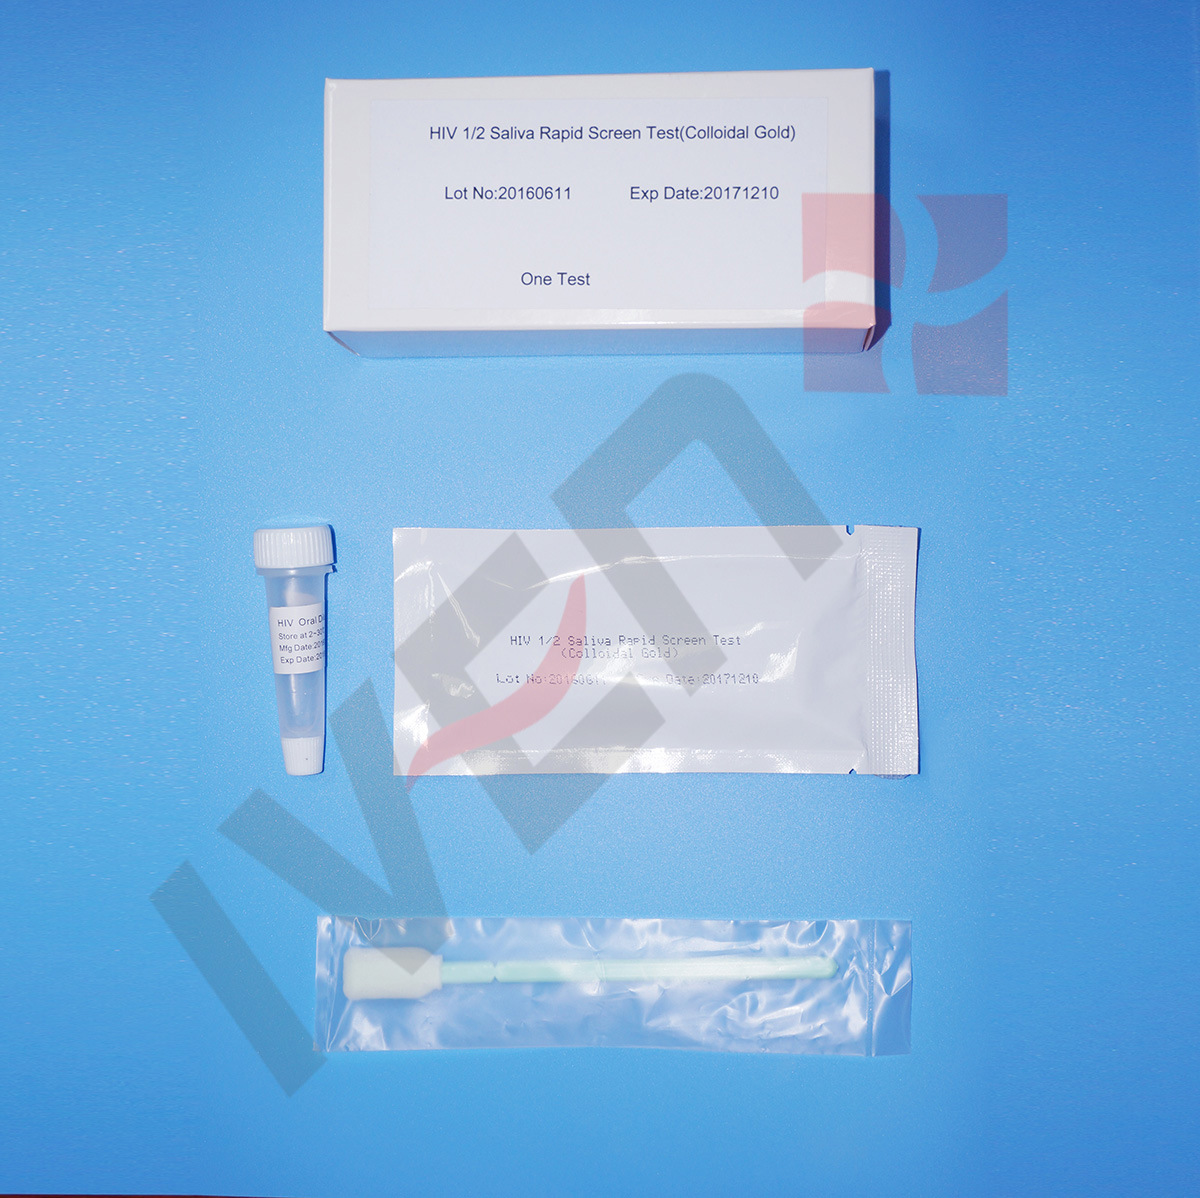 HIV 1/2 Saliva Home Test Kit